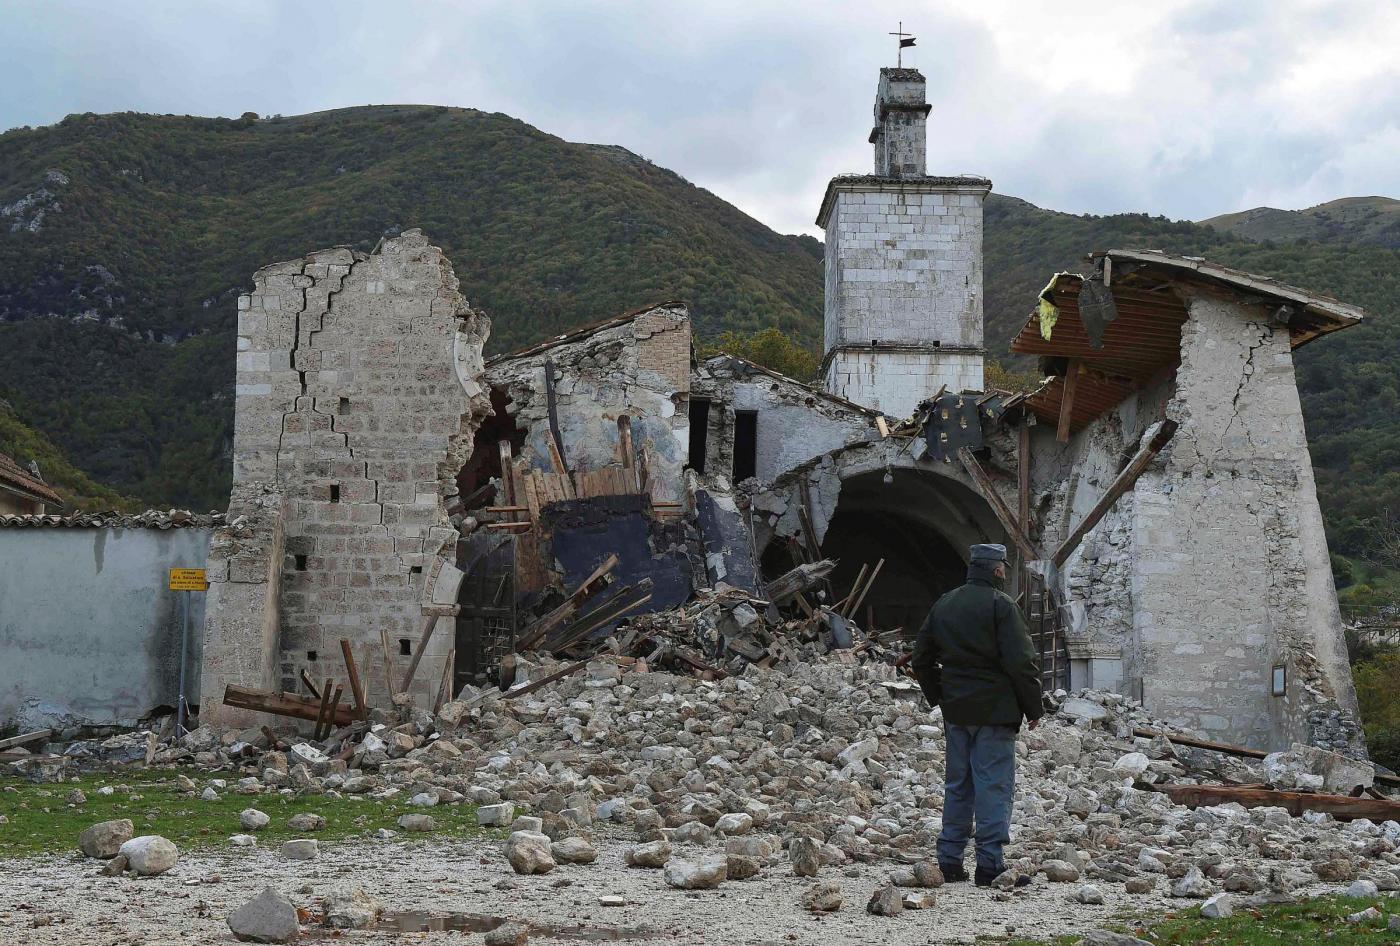 Terremoto in Italia, UE: fondi per l'emergenza fuori dal deficit